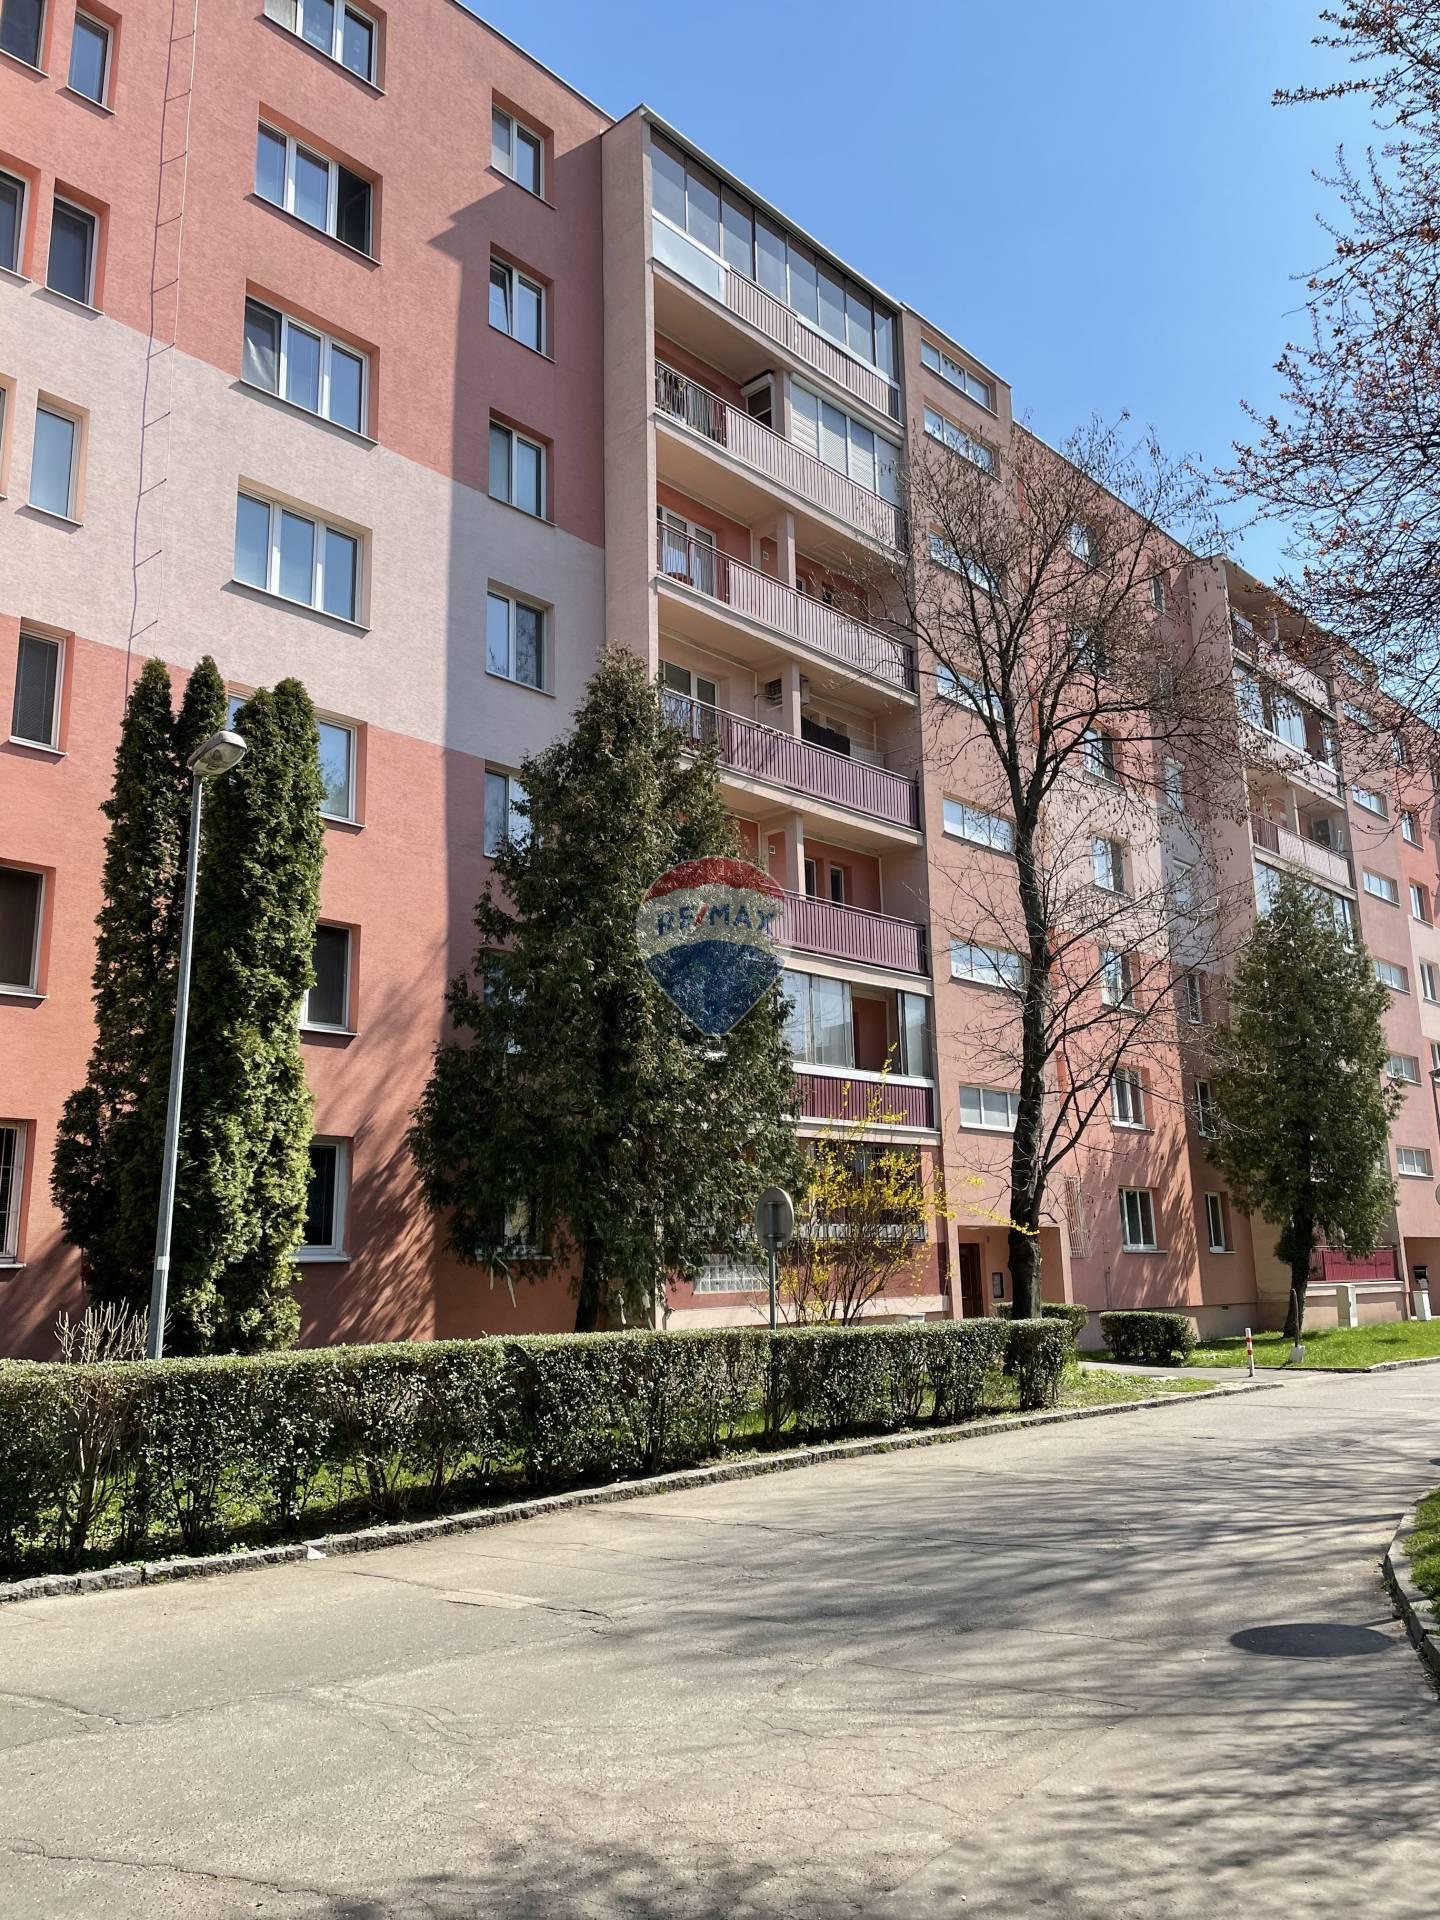 3 izbový byt s veľkou loggiou, Meteorová ulica, Ružinov